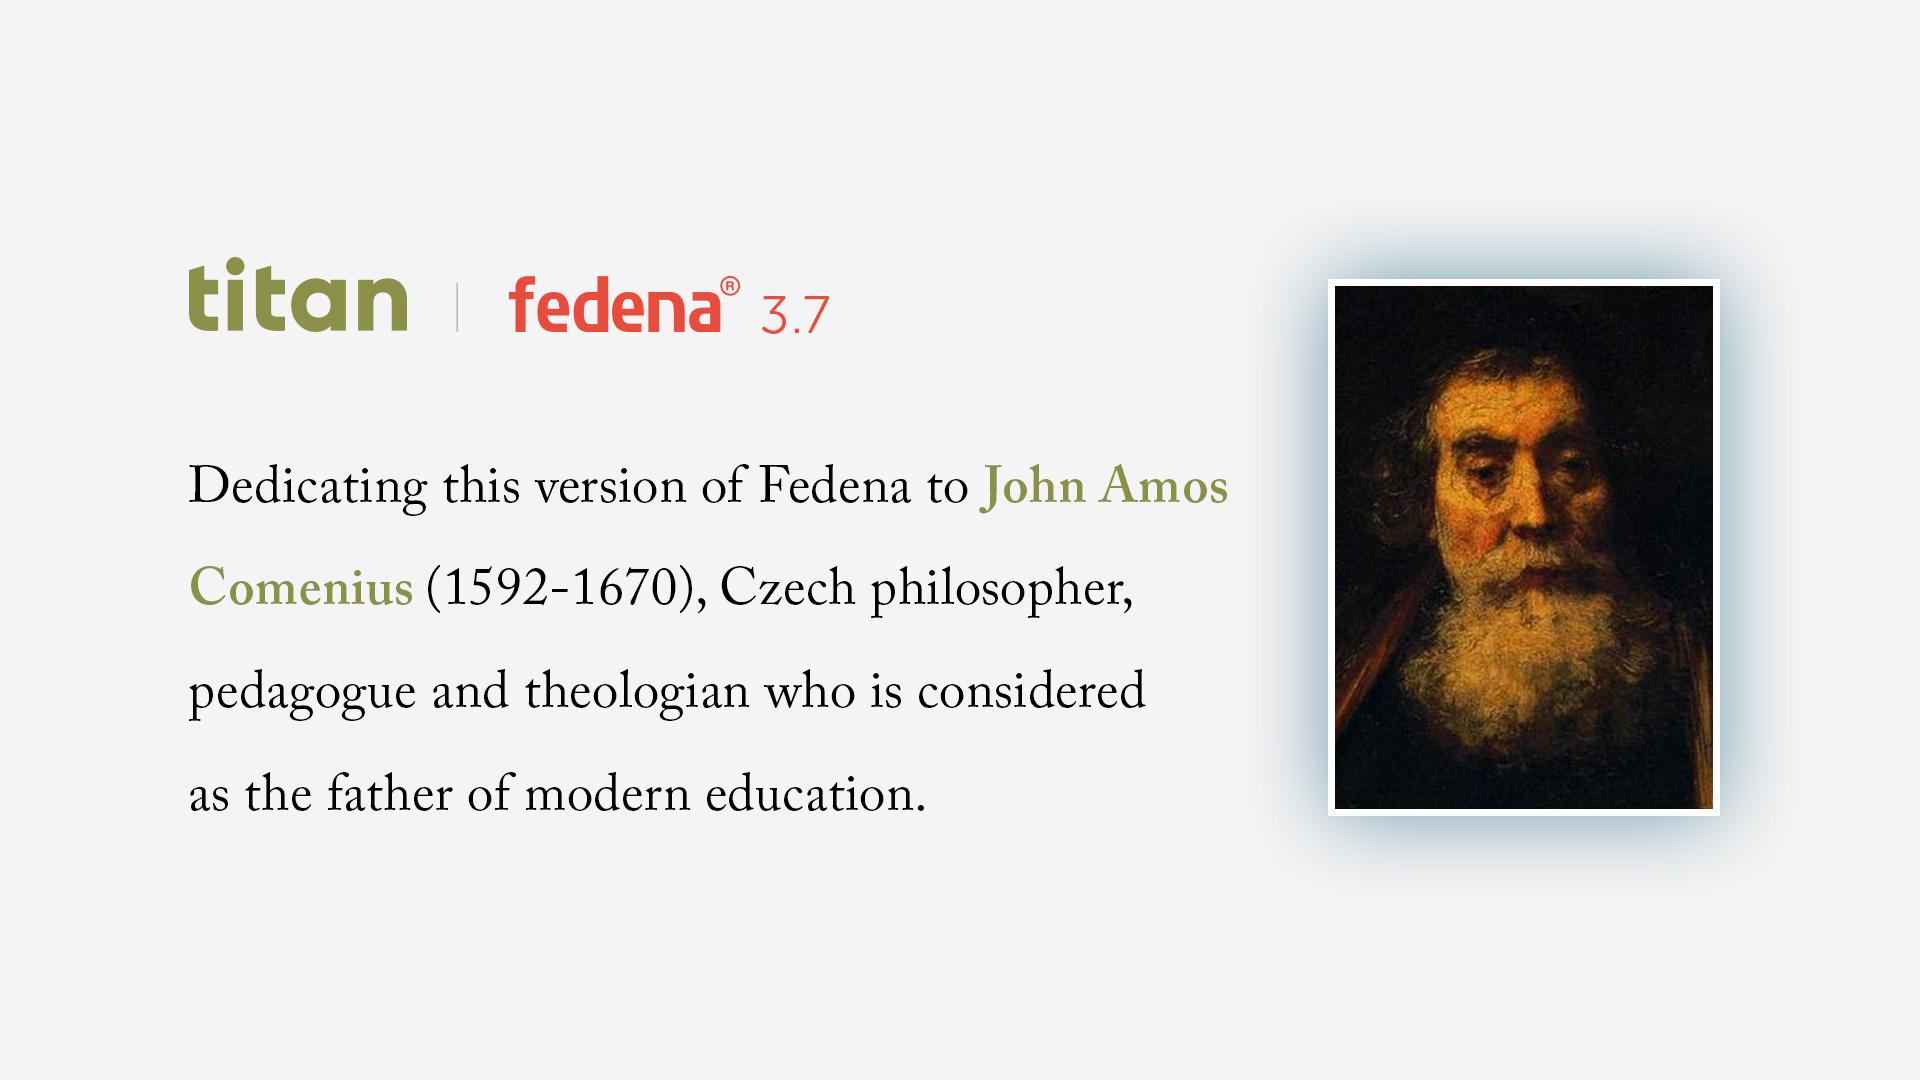 fedena 3.7